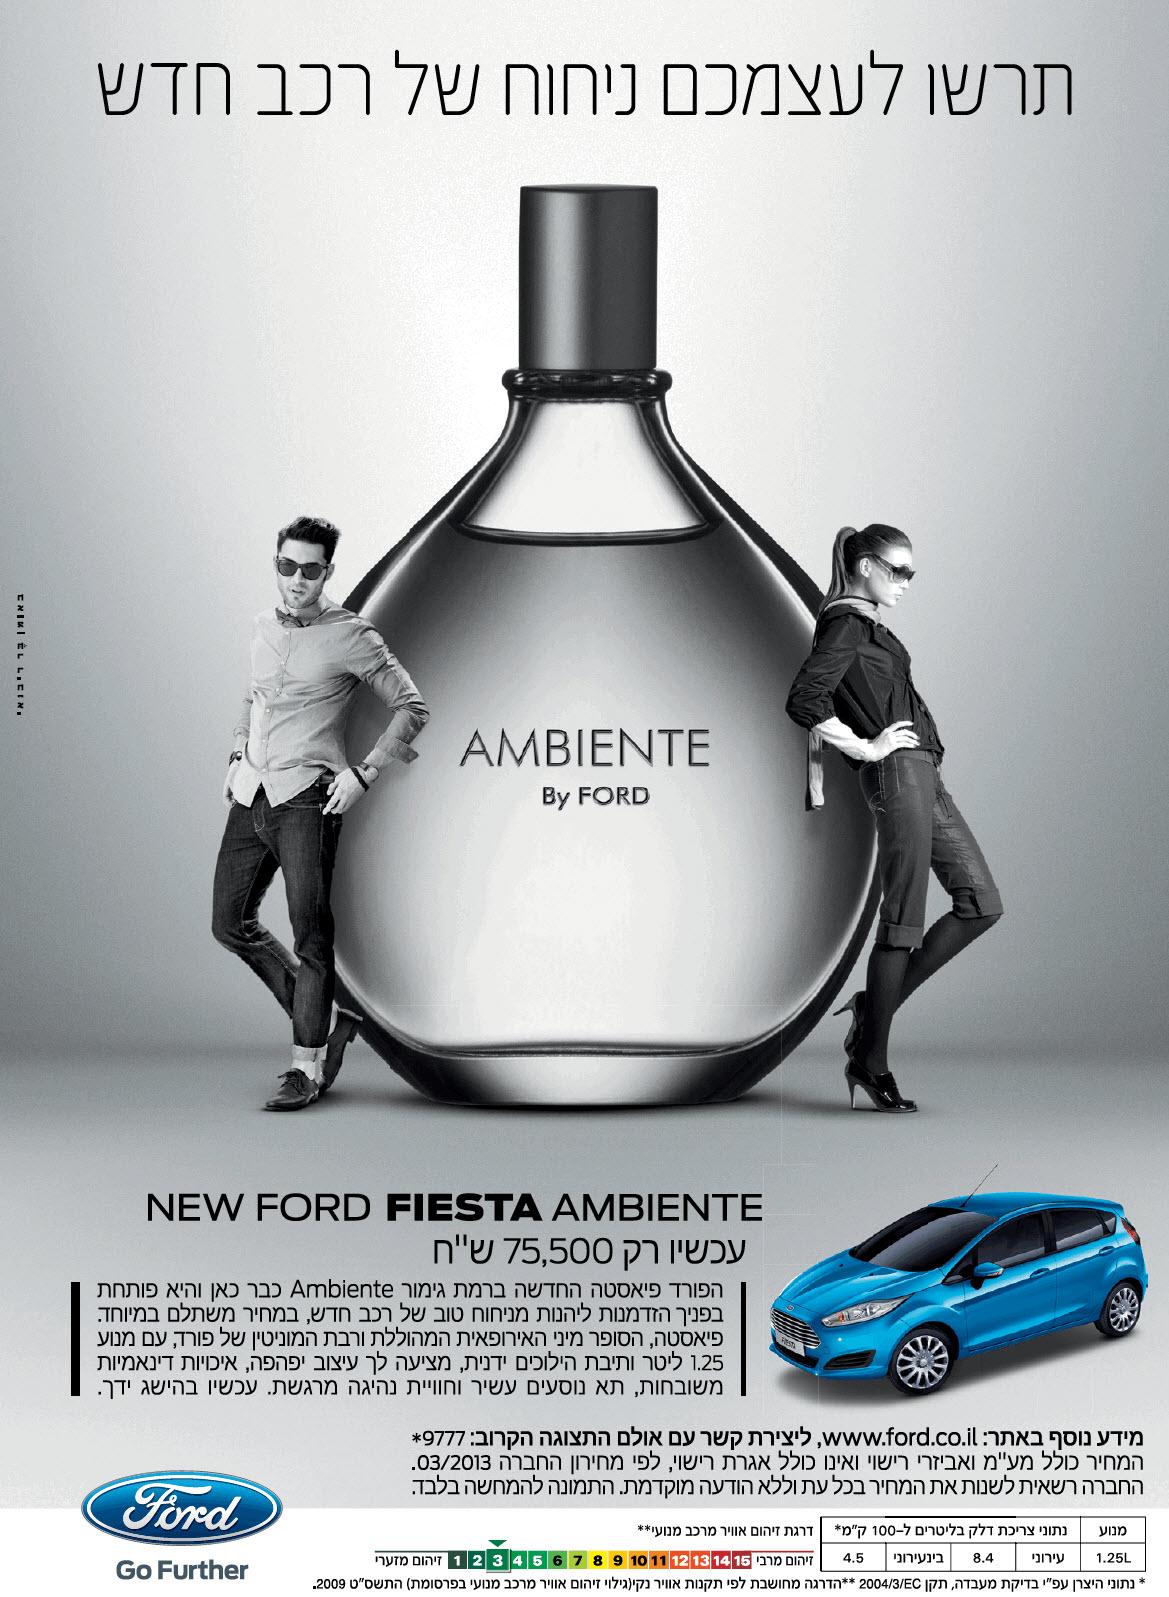 פרינט: תרשו לעצמכם ניחוח של רכב חדש